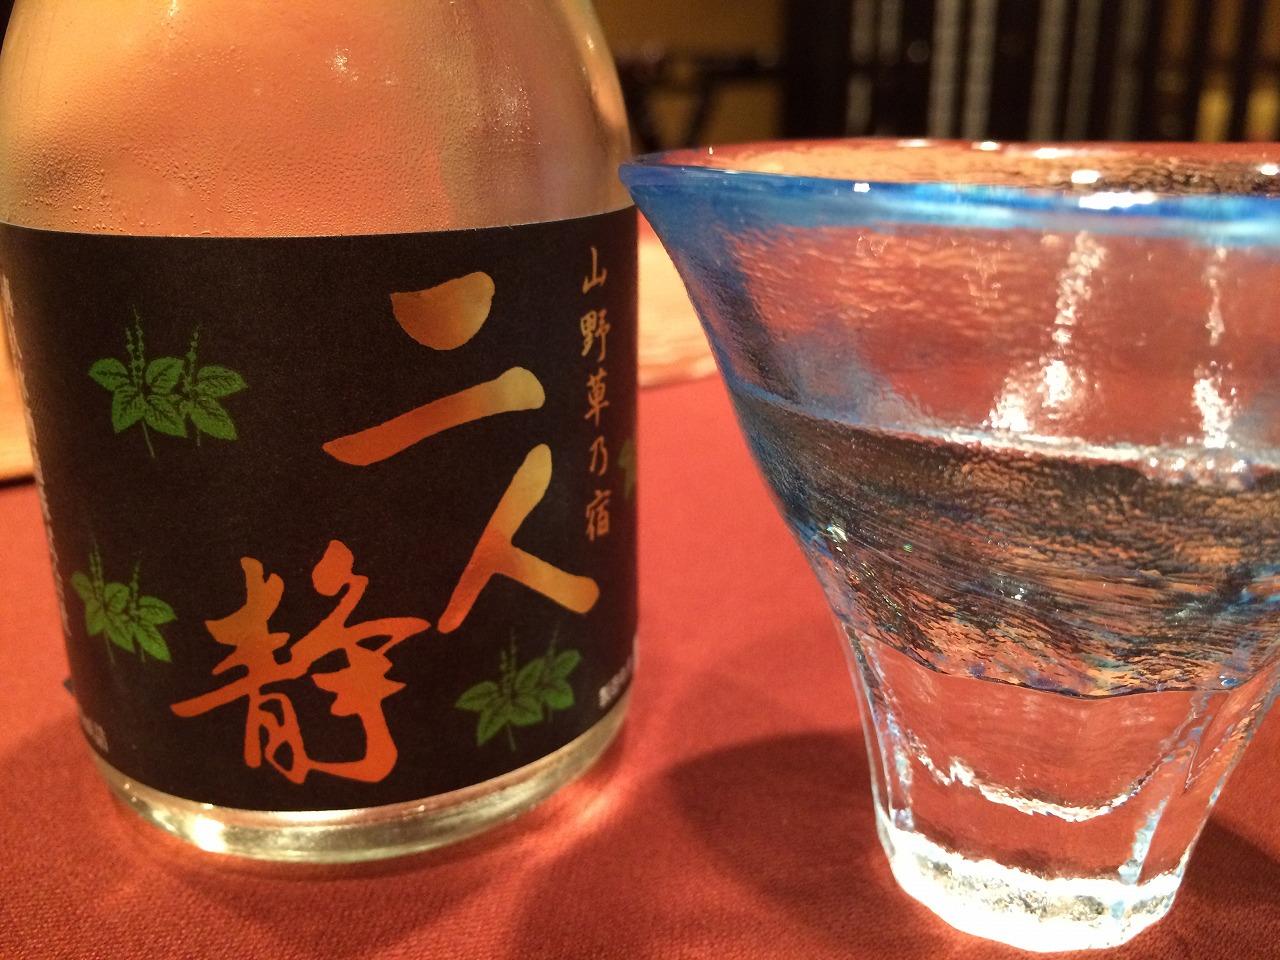 日本酒もいただきました